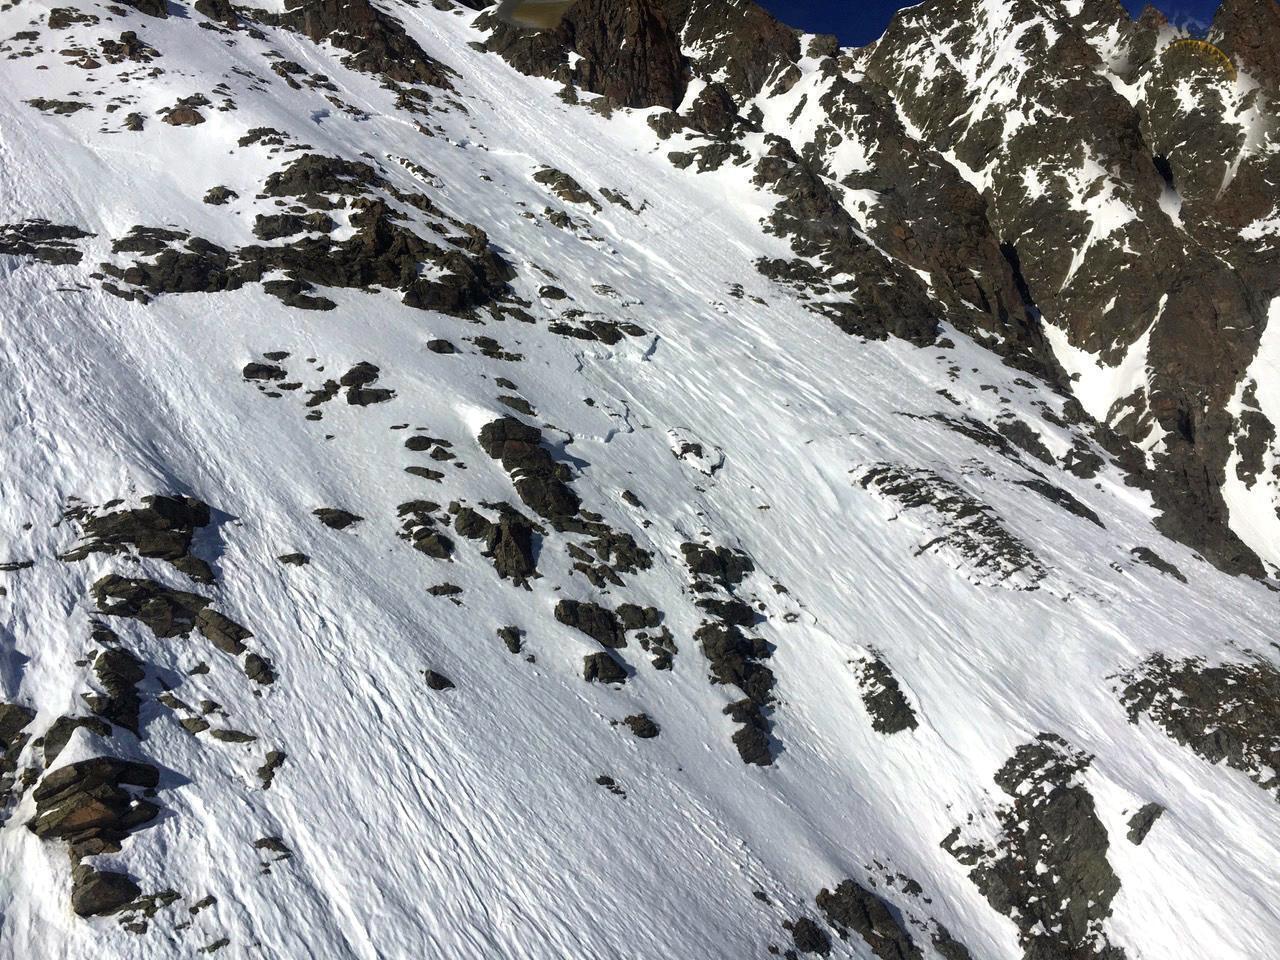 Gita in val d'Ossola finisce in tragedia, due alpinisti trovati morti dai soccorsi